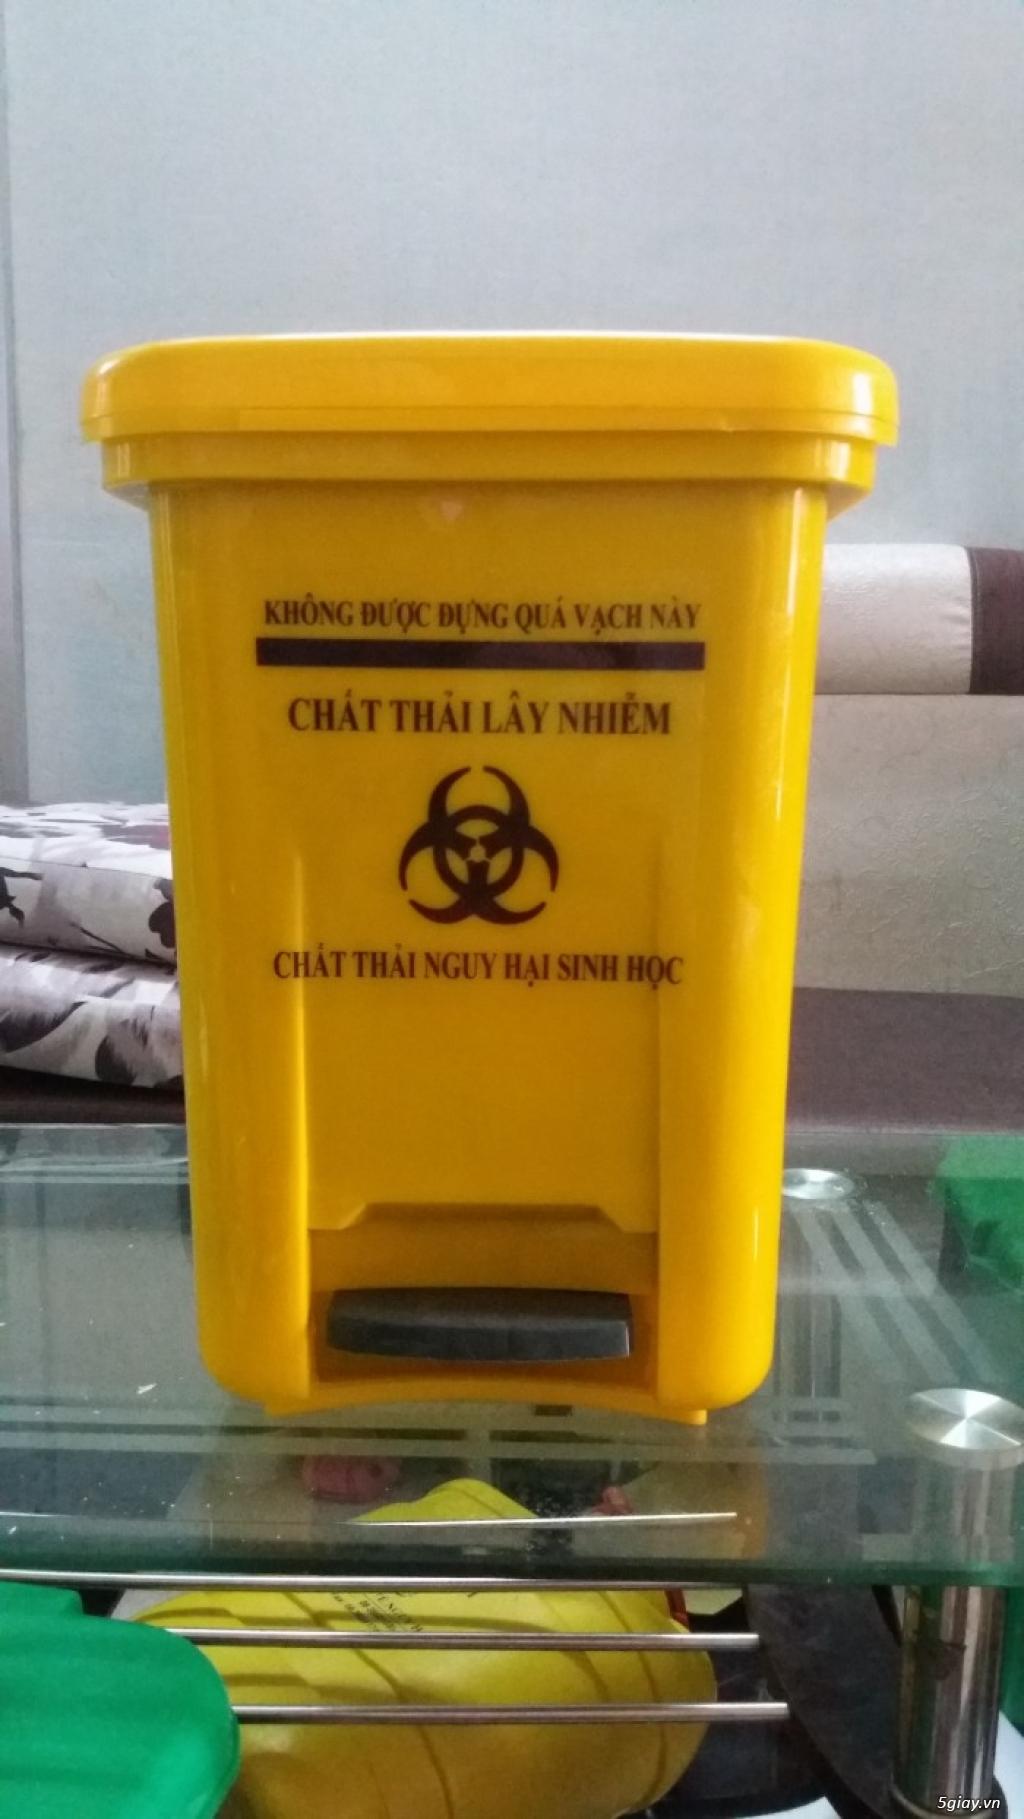 Giá bán thùng đựng rác thải y tế 20 lit đựng chất thải nguy hại - 4